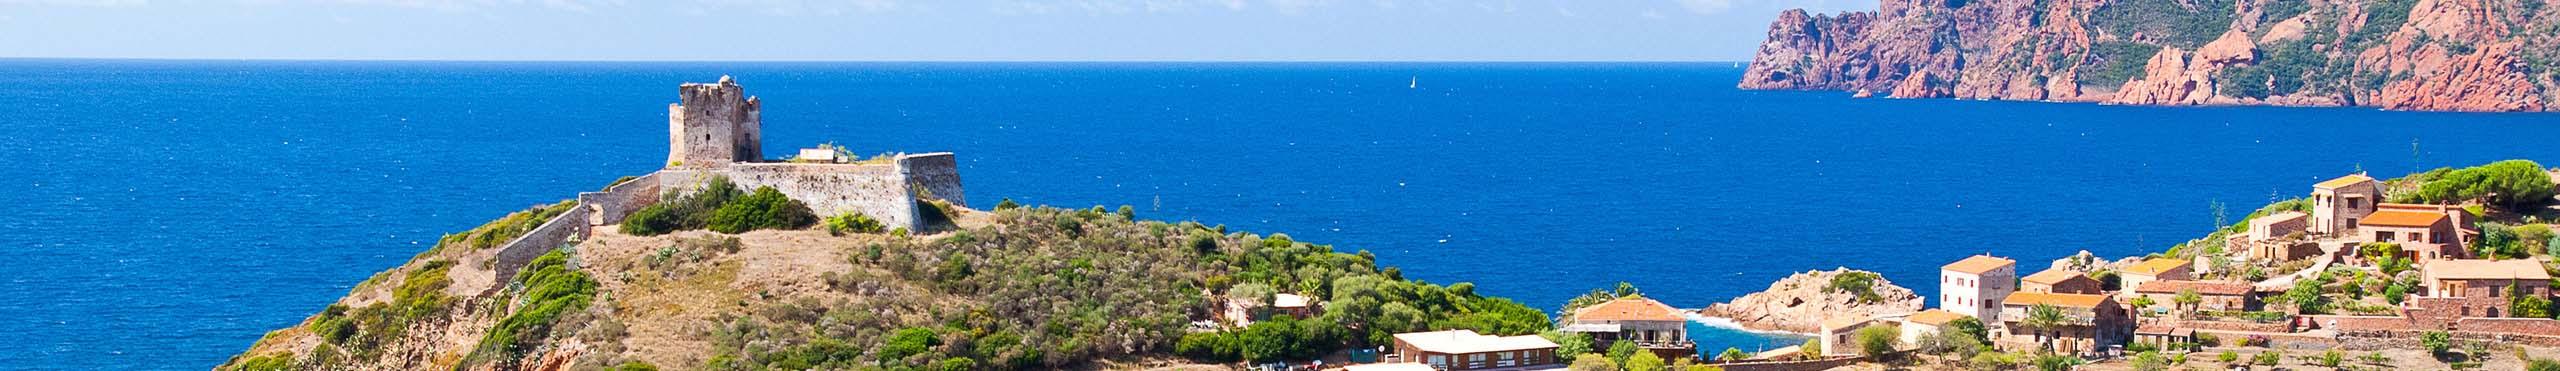 Défiscalisation : plus que quelques jours pour réduire votre impôt sur le revenu grâce aux FIP Corse !